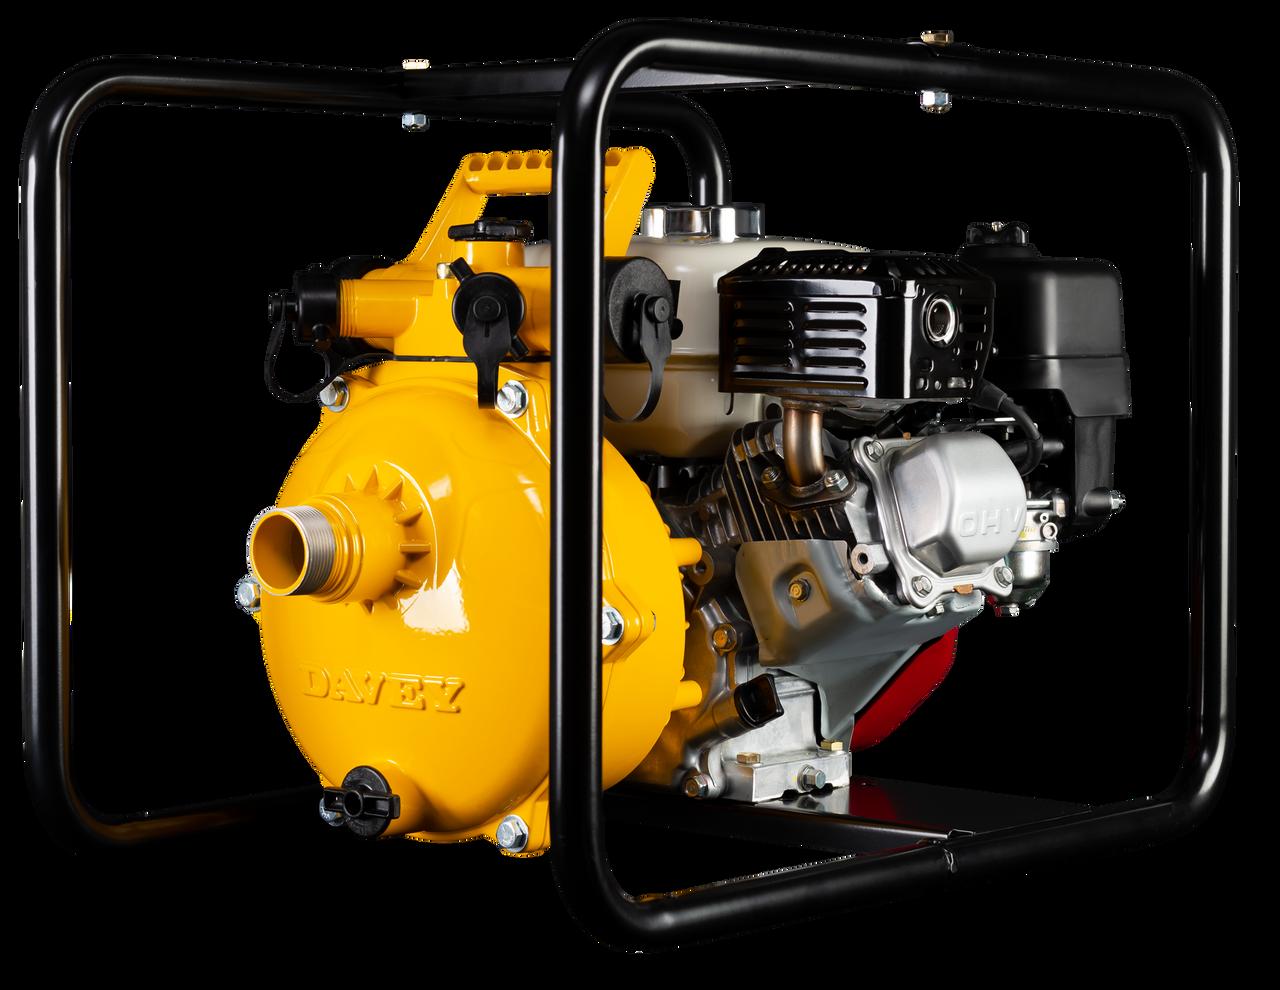 Davey 5155H Firefighter pump